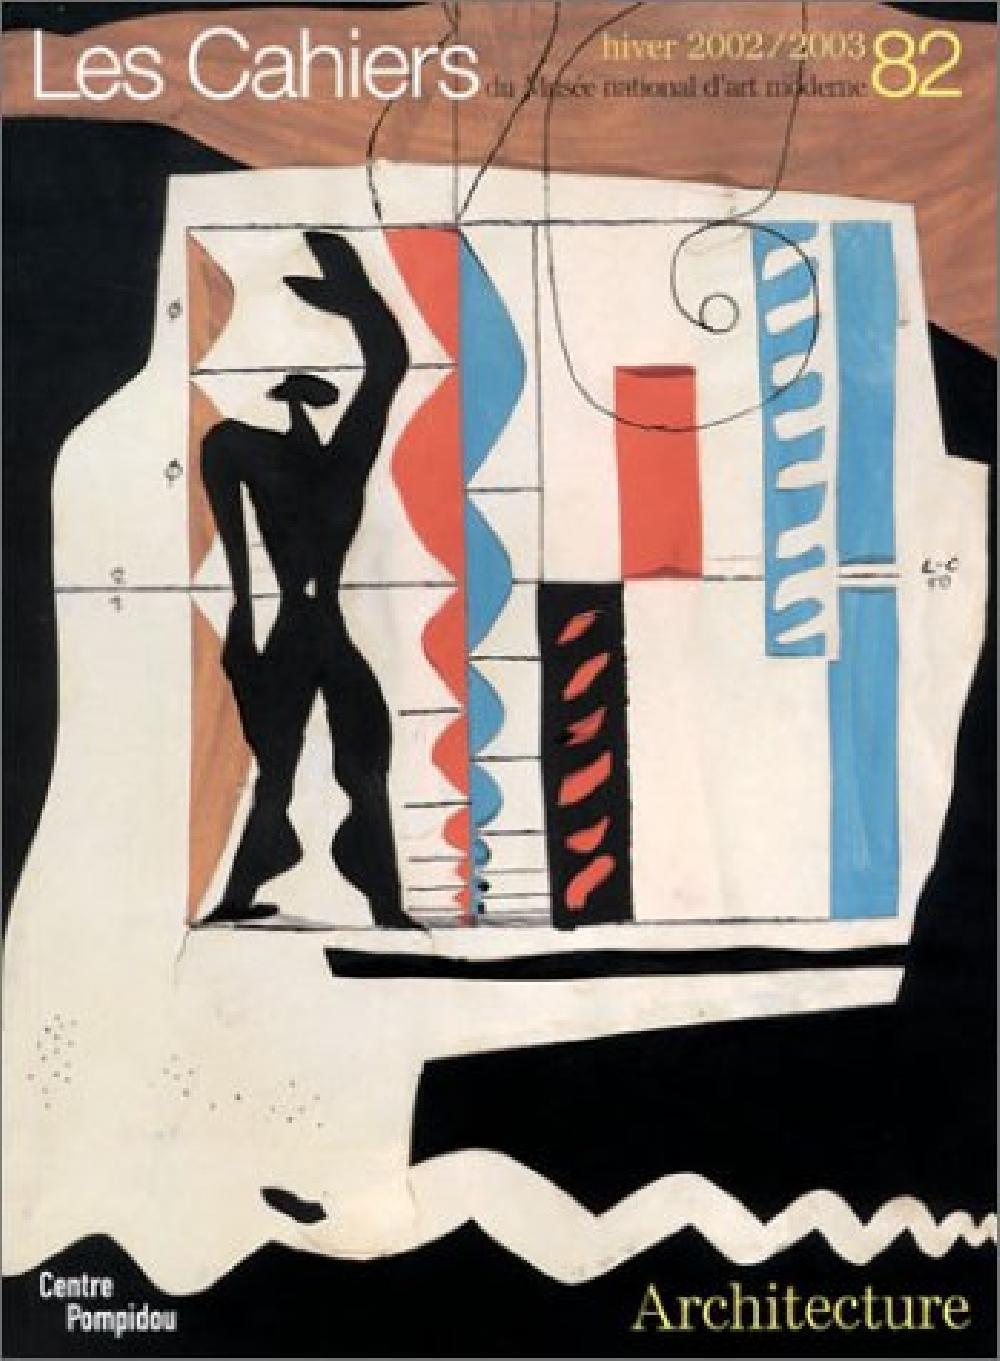 Les cahiers du Musée national d'art moderne n°82